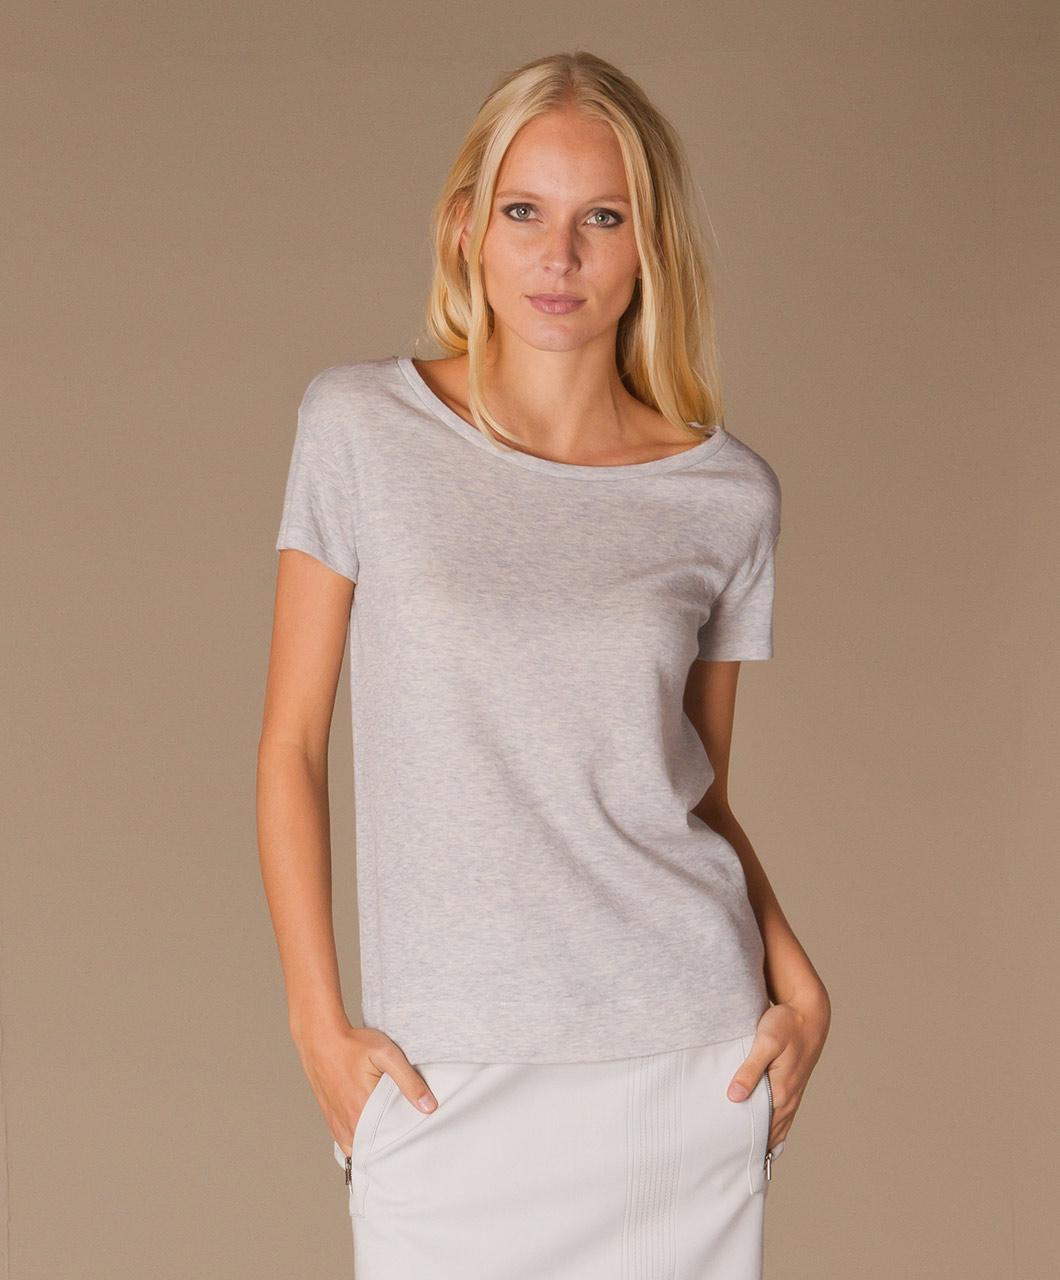 Majestic Cashmere T Shirt Ciel Chine Ecru H14 10 04